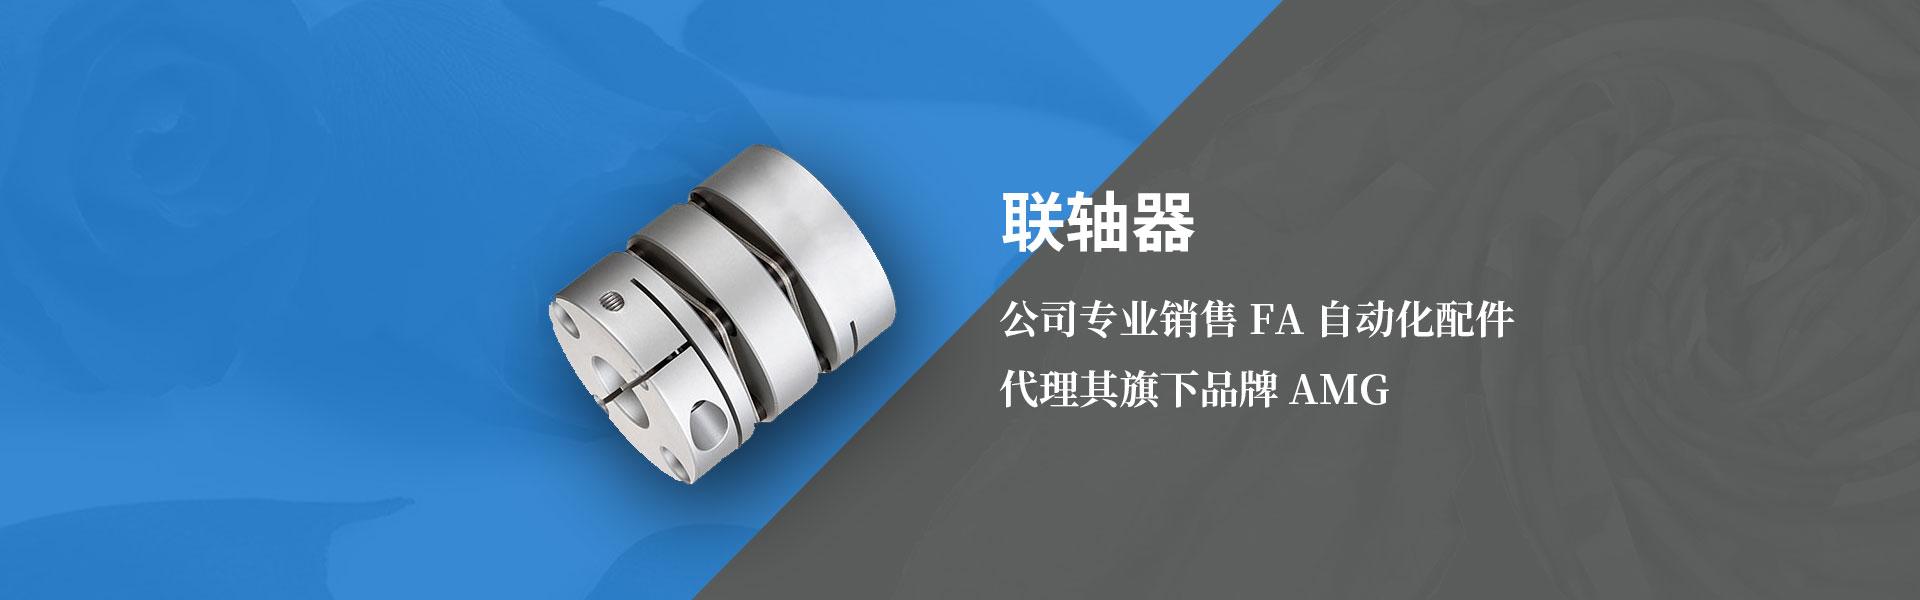 苏州伟丰昌机械科技有限公司